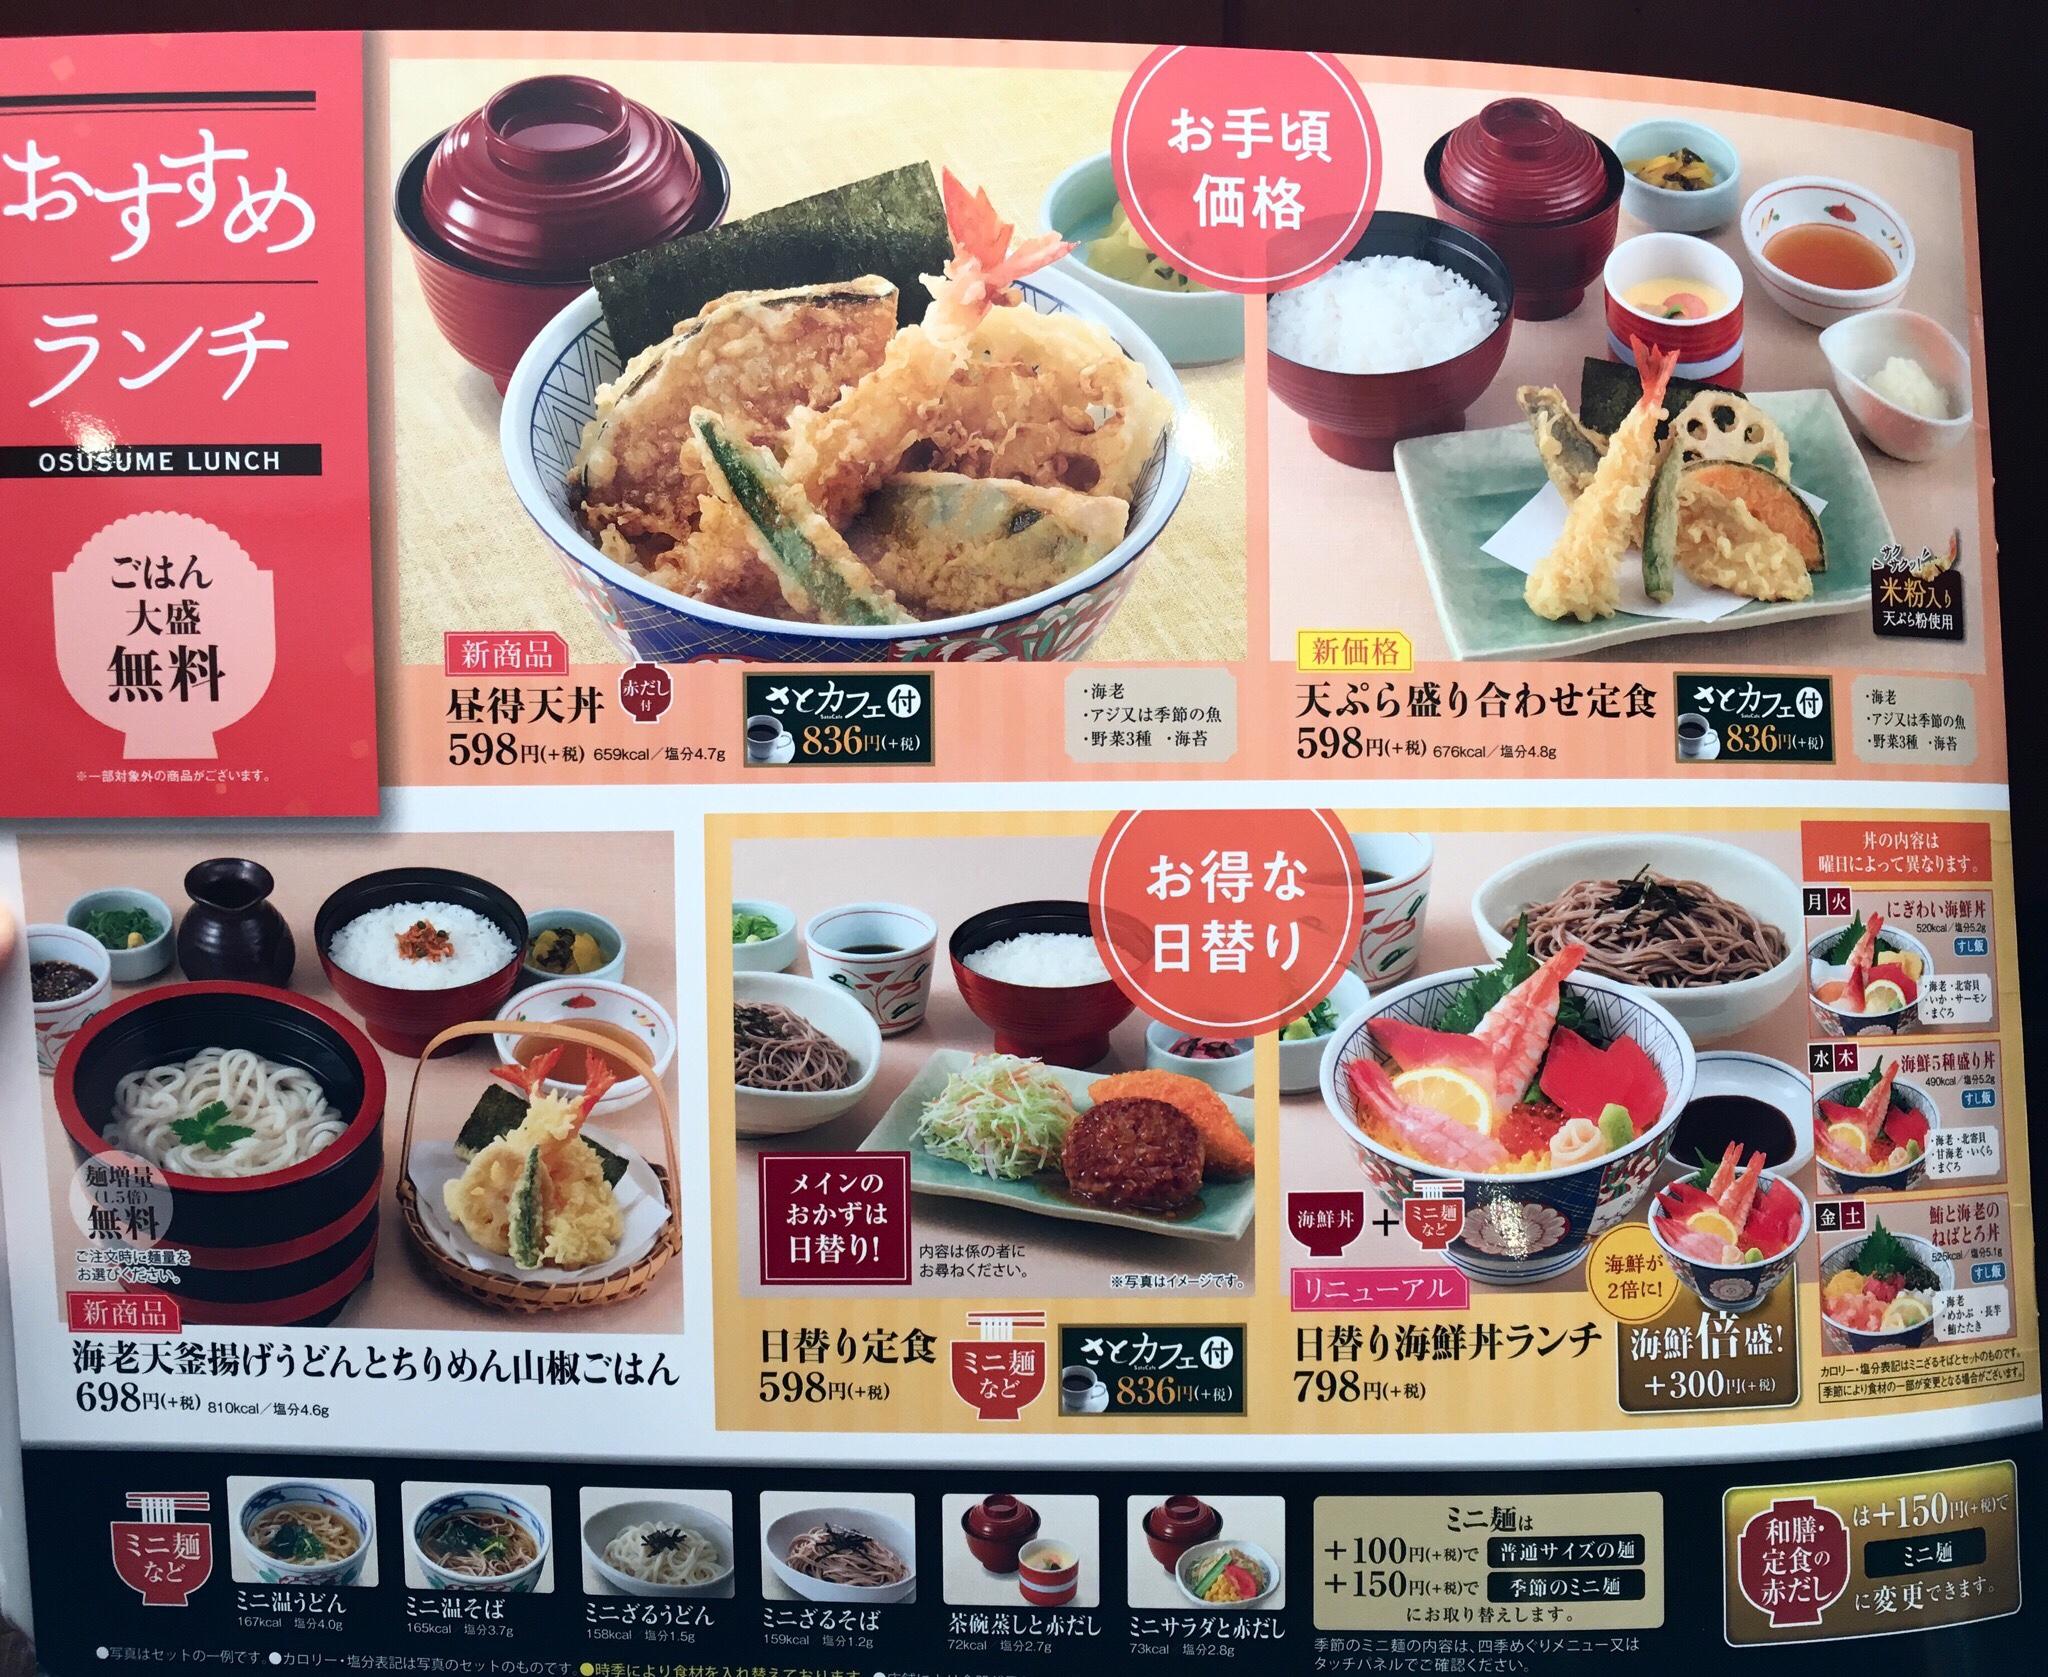 の メニュー 和食 さと 【和食さと】駿河湾産生しらす丼膳が美味!持ち帰りメニューがお得♪